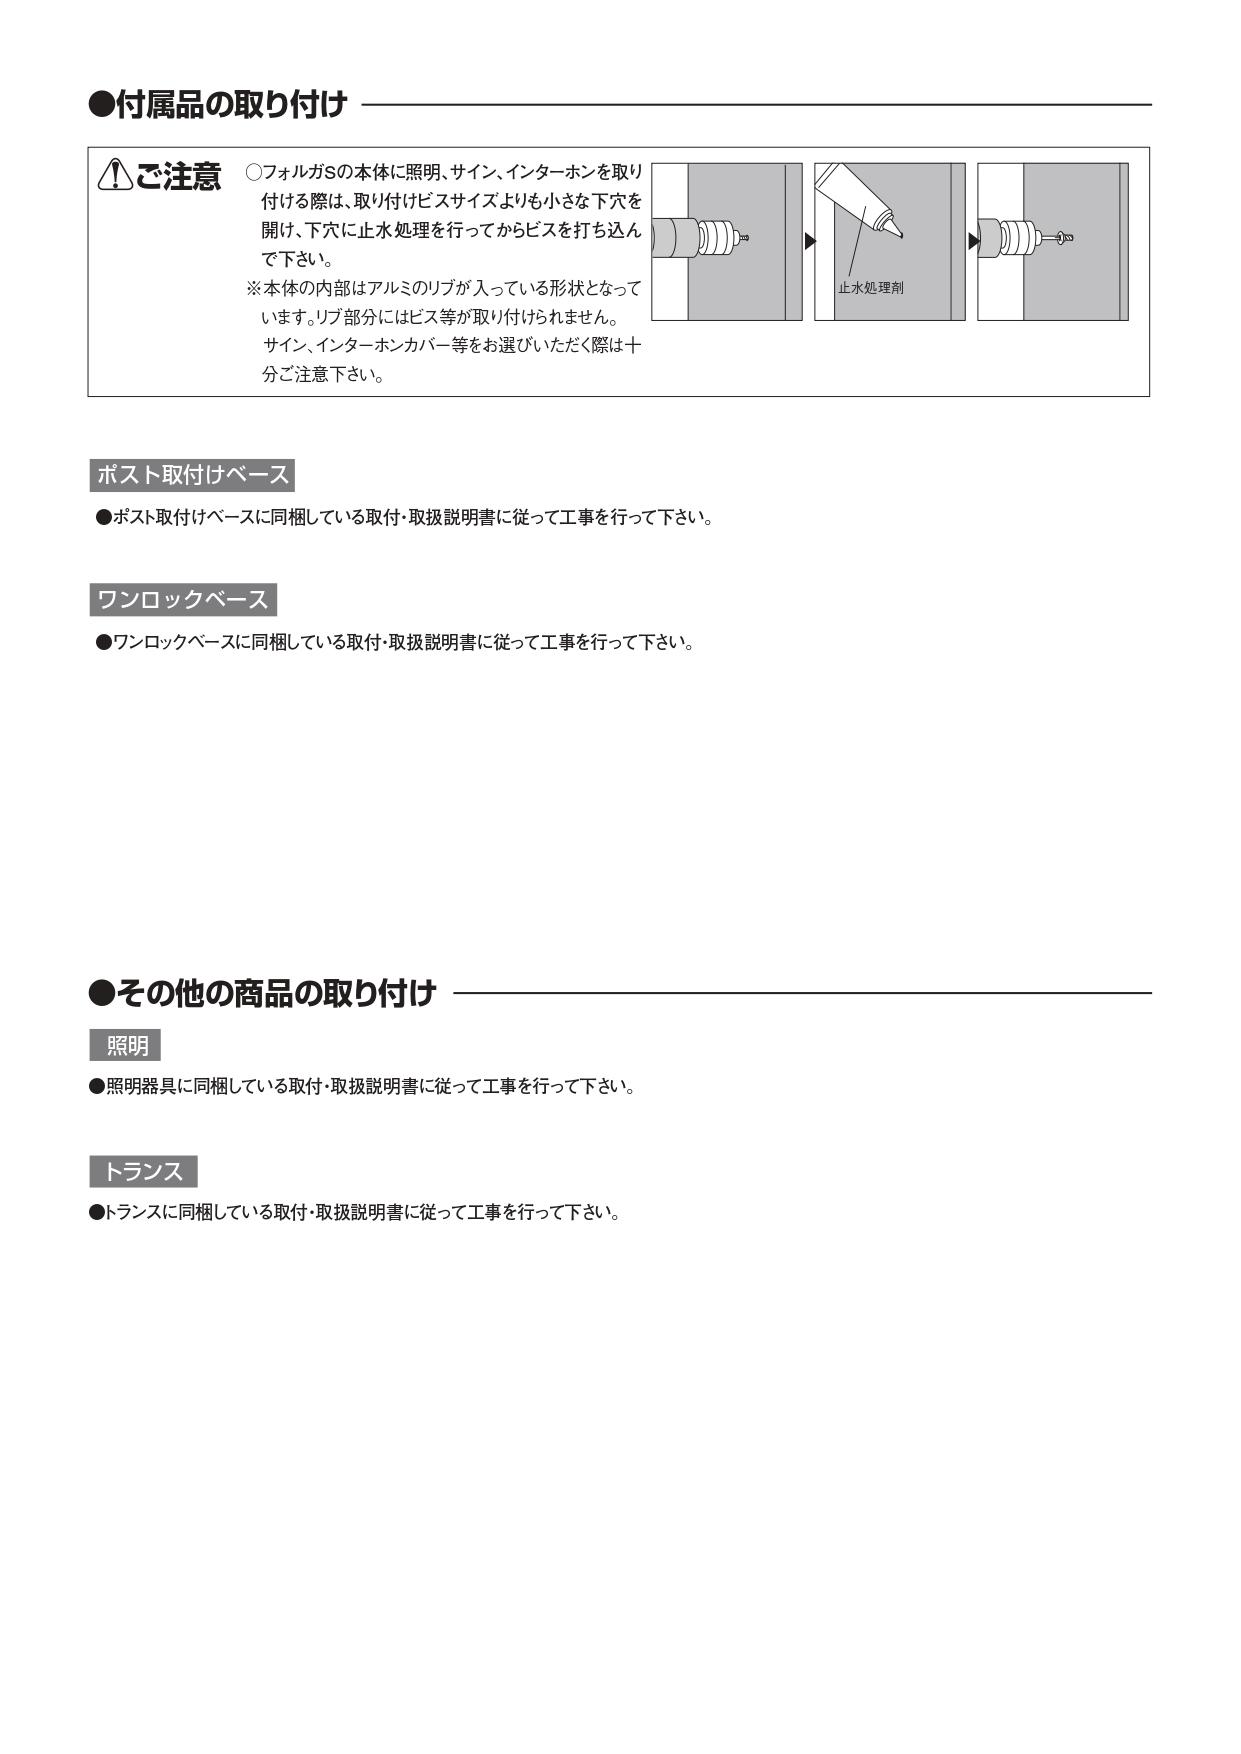 フォルガS 施工説明書_page-0003